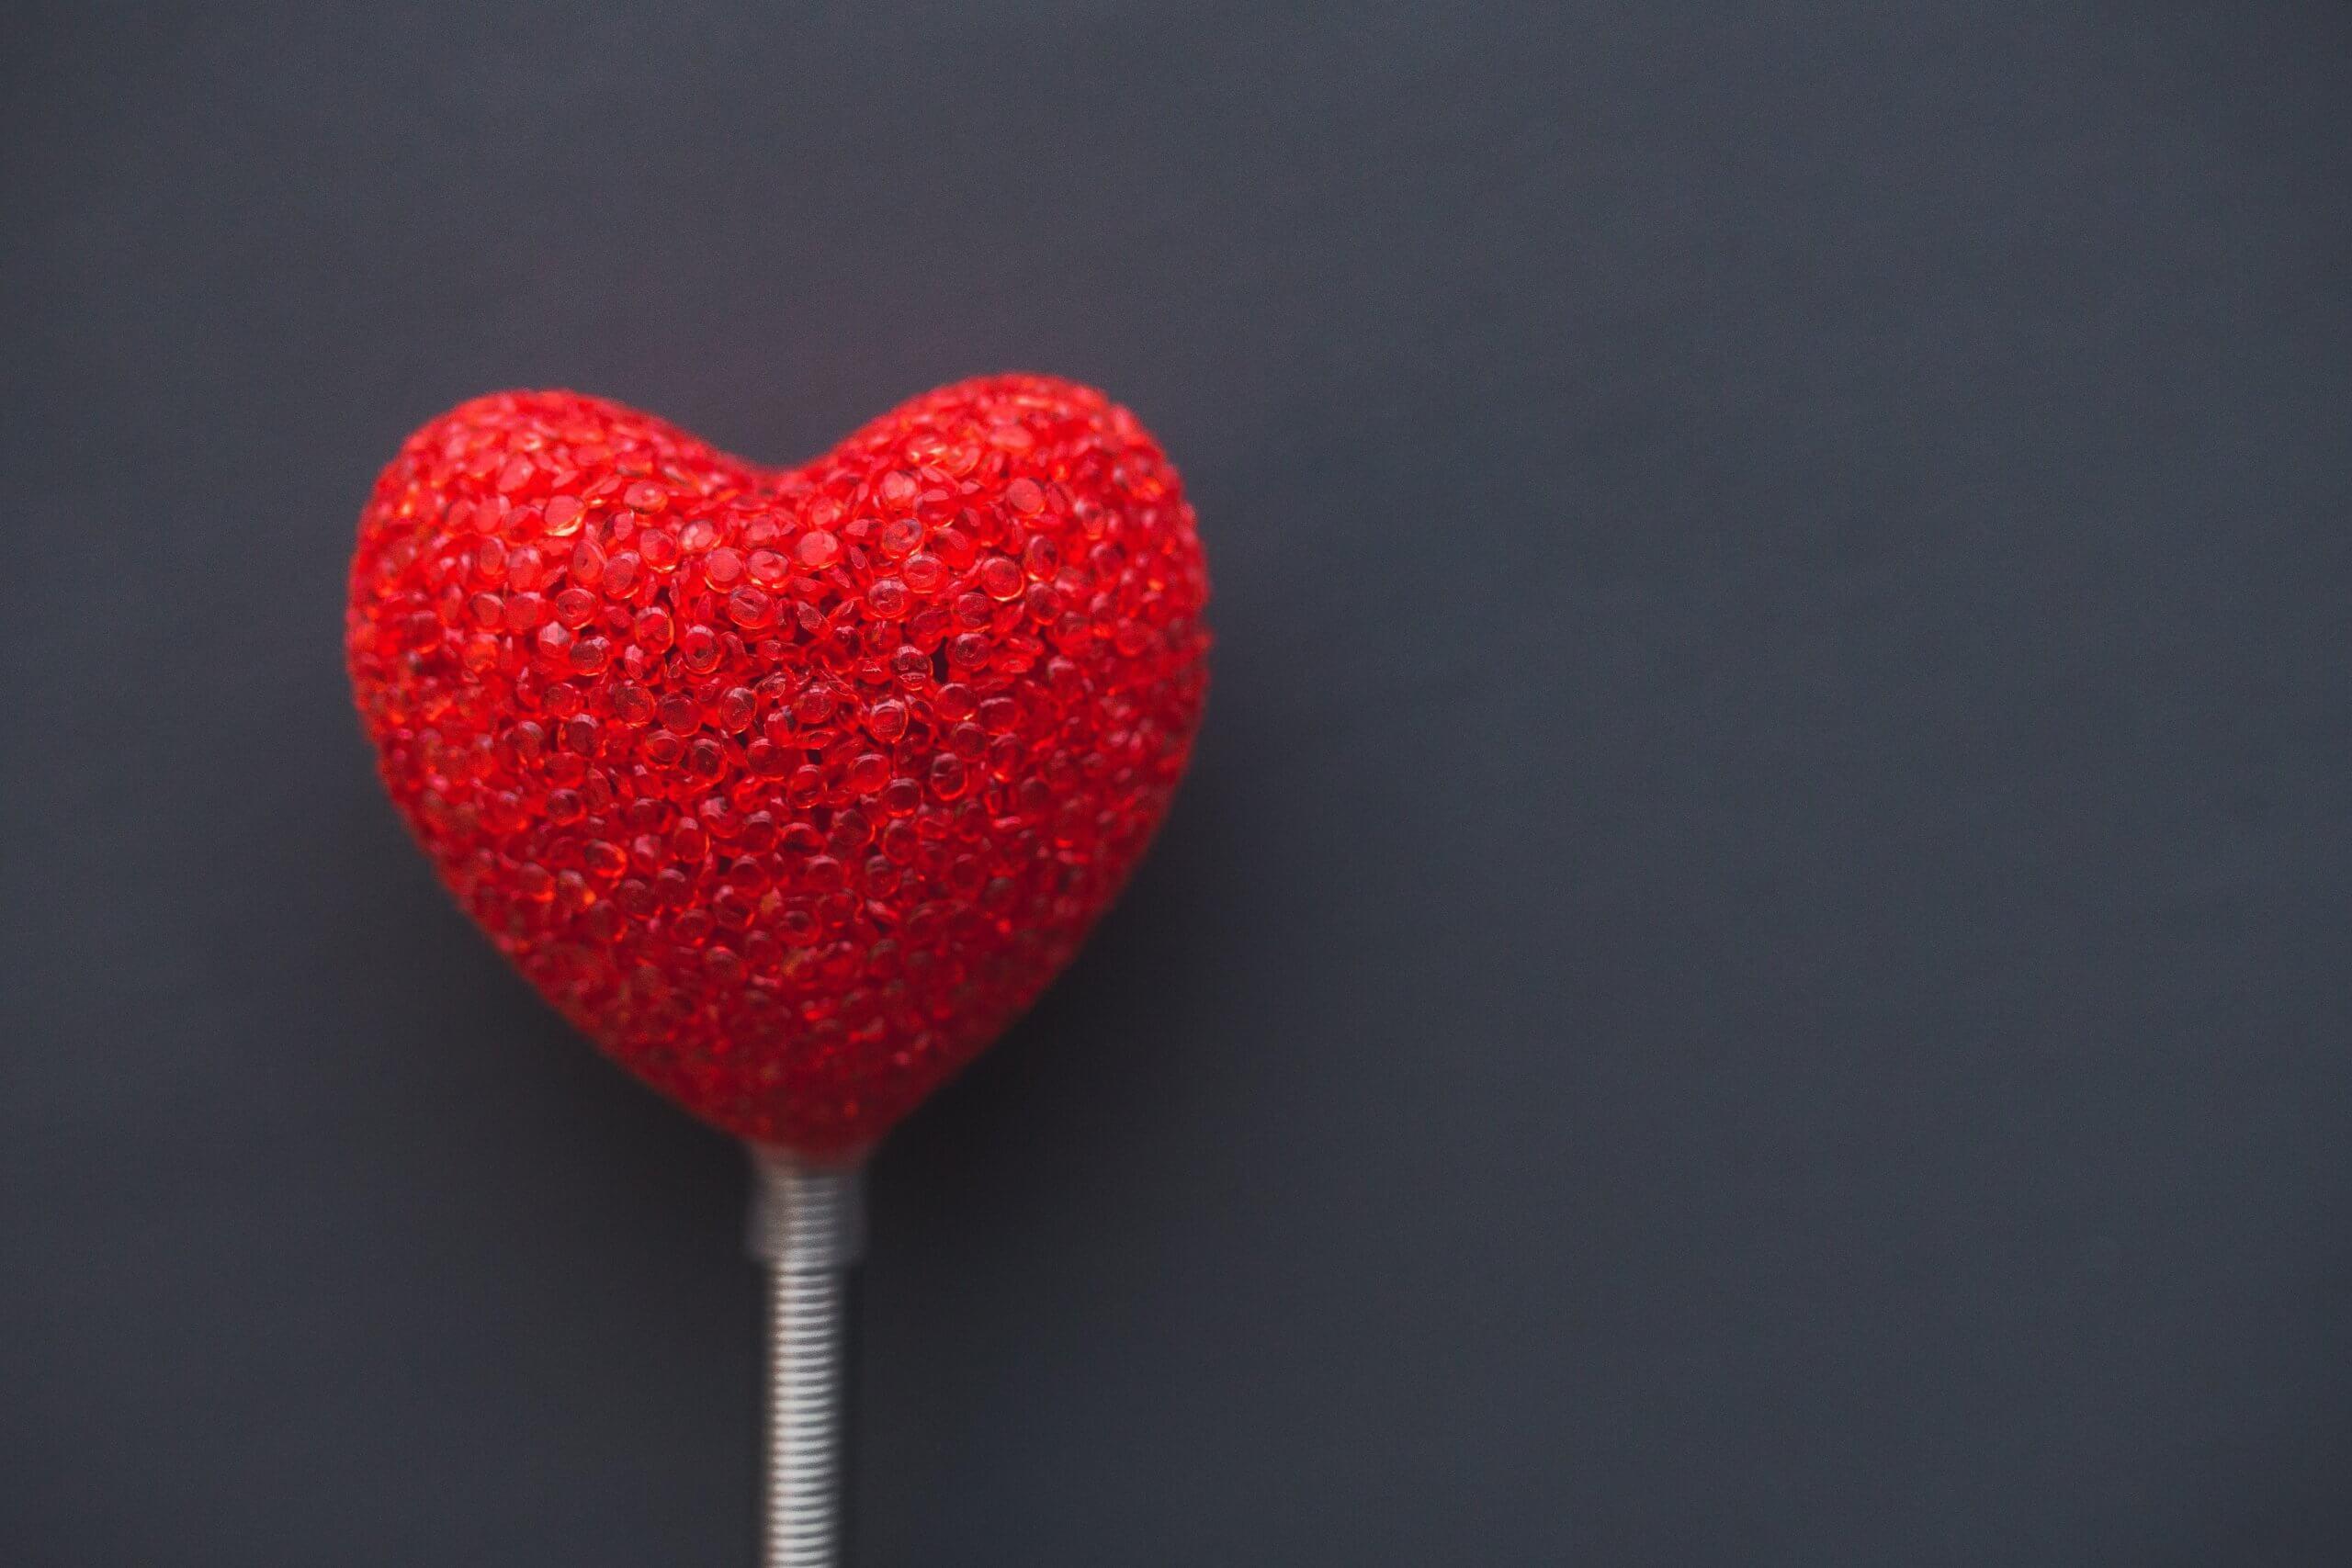 Red heart against dark grey background